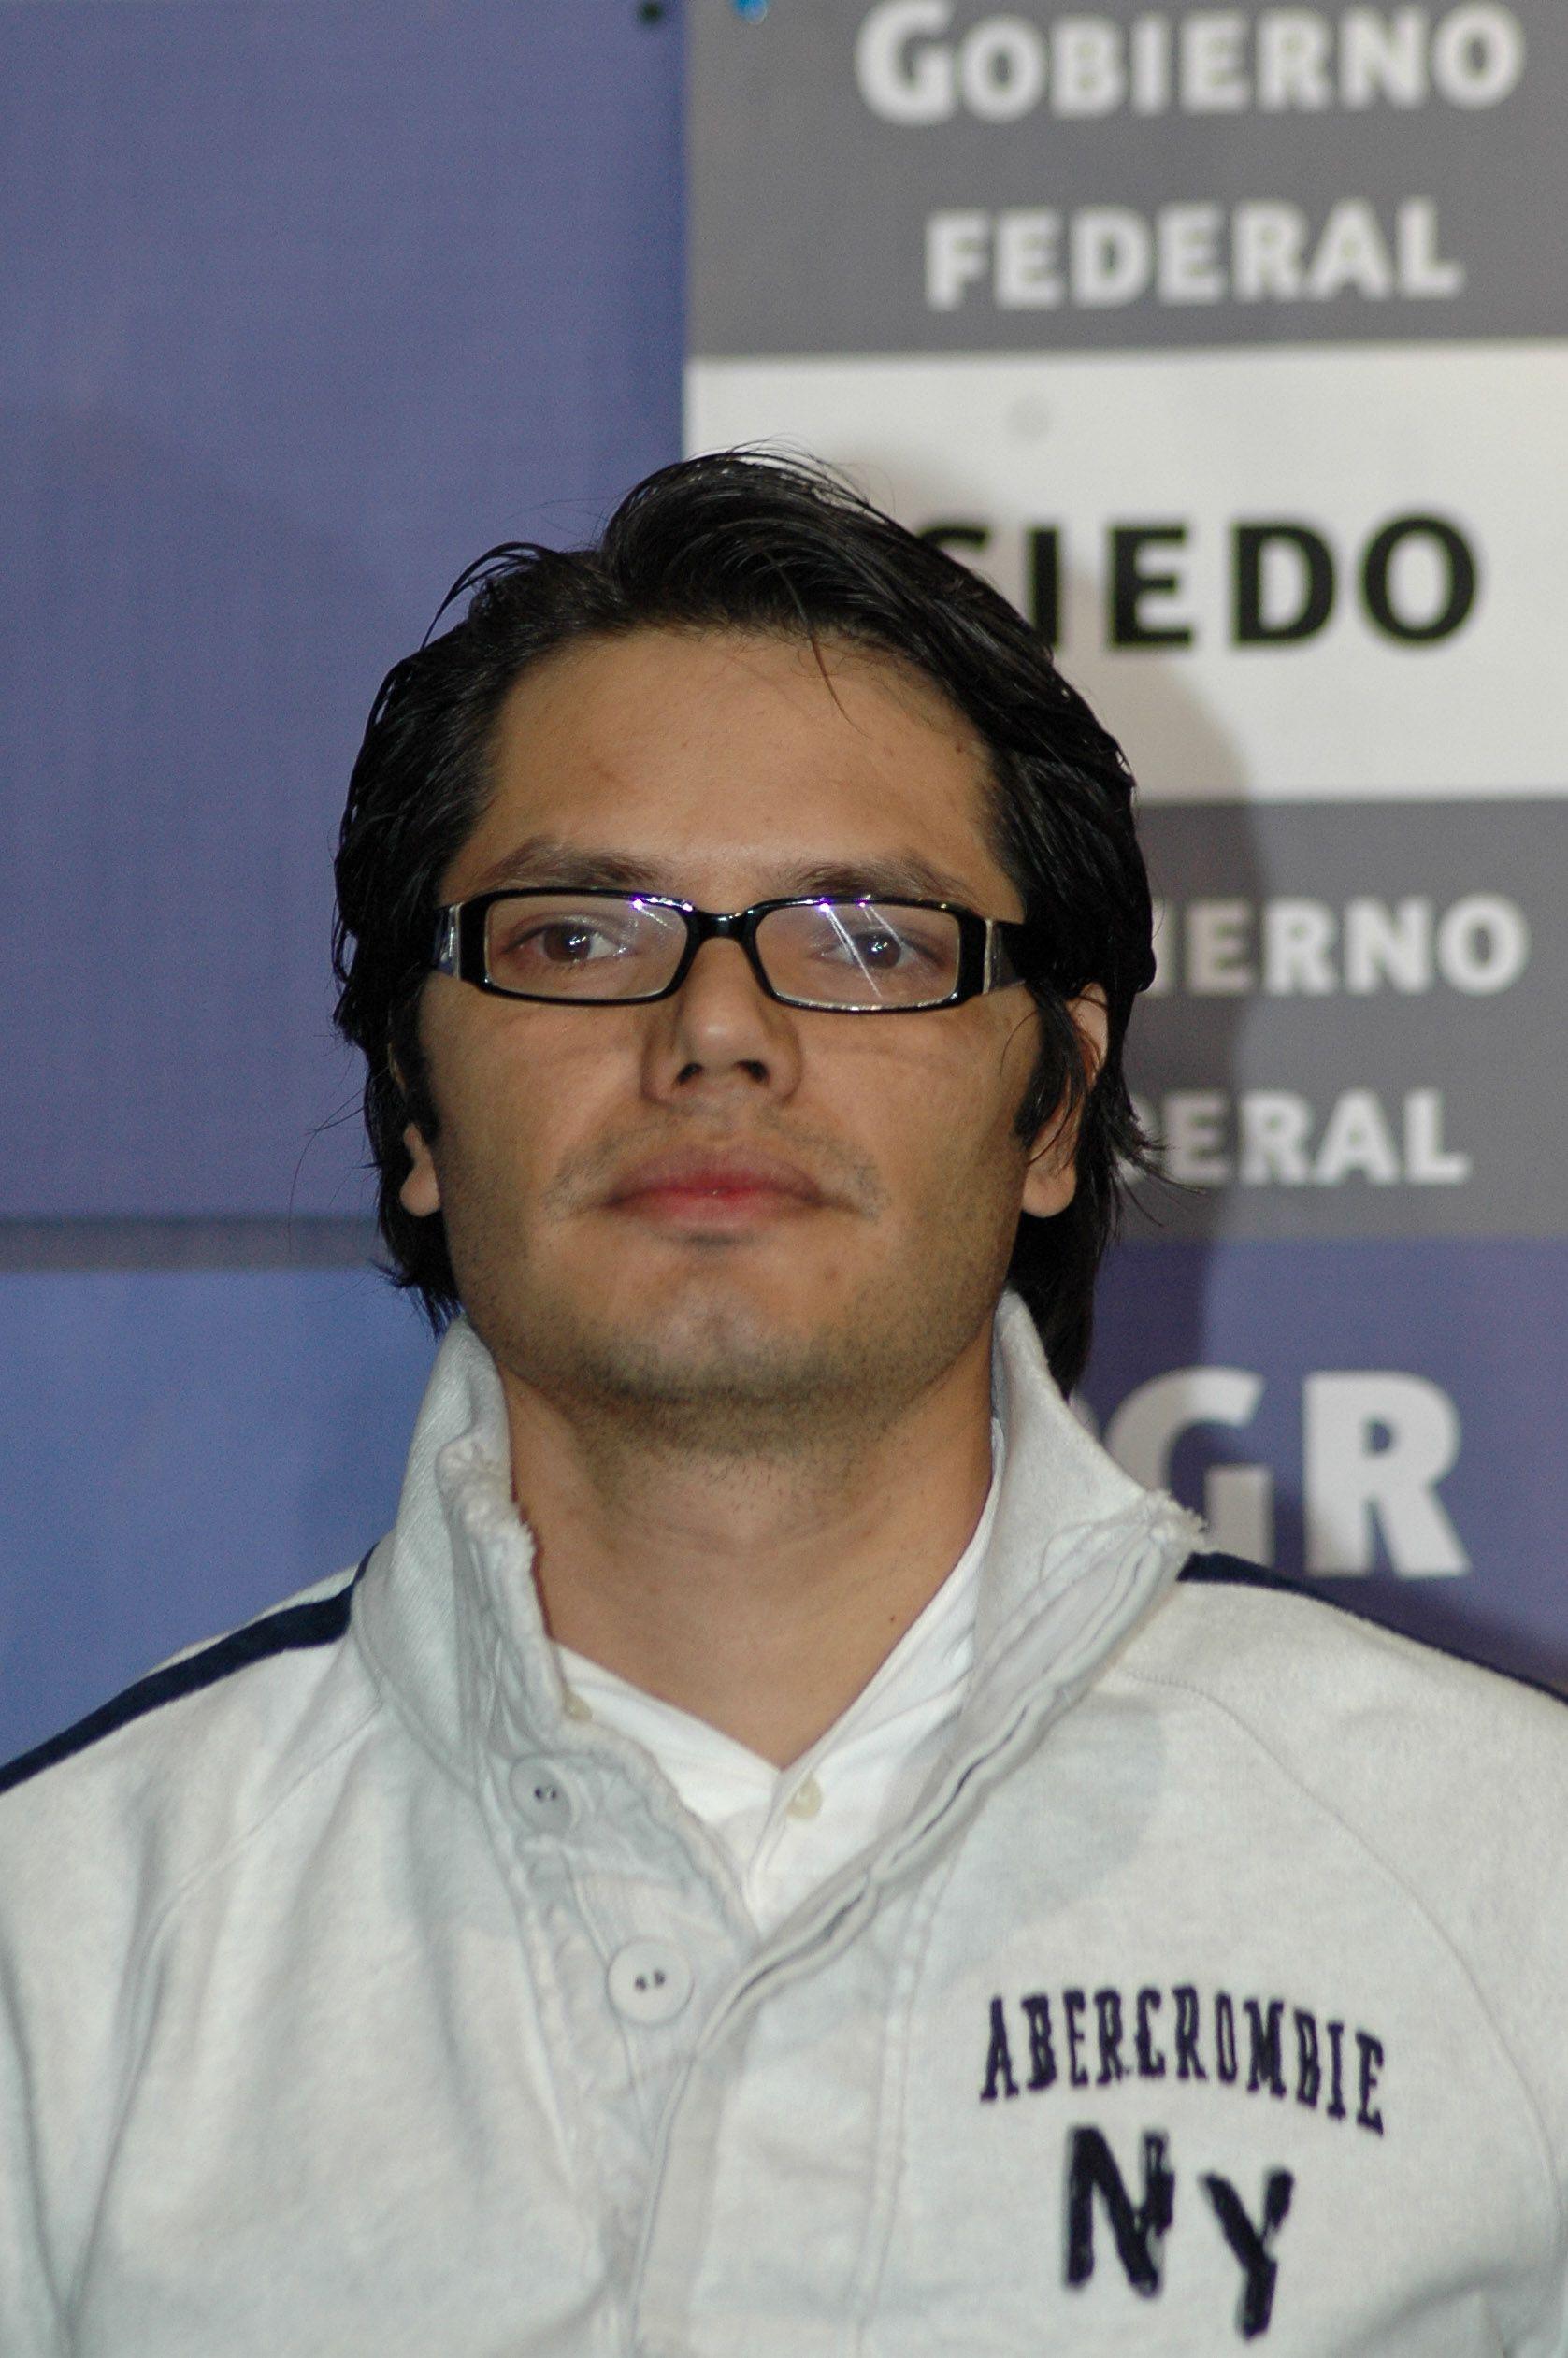 Vicente Carrillo, hijo de El Señor de los Cielos, recurrió a diversas modificaciones del rostroFOTO: RODOLFO ANGULO/CUARTOSCURO.COM